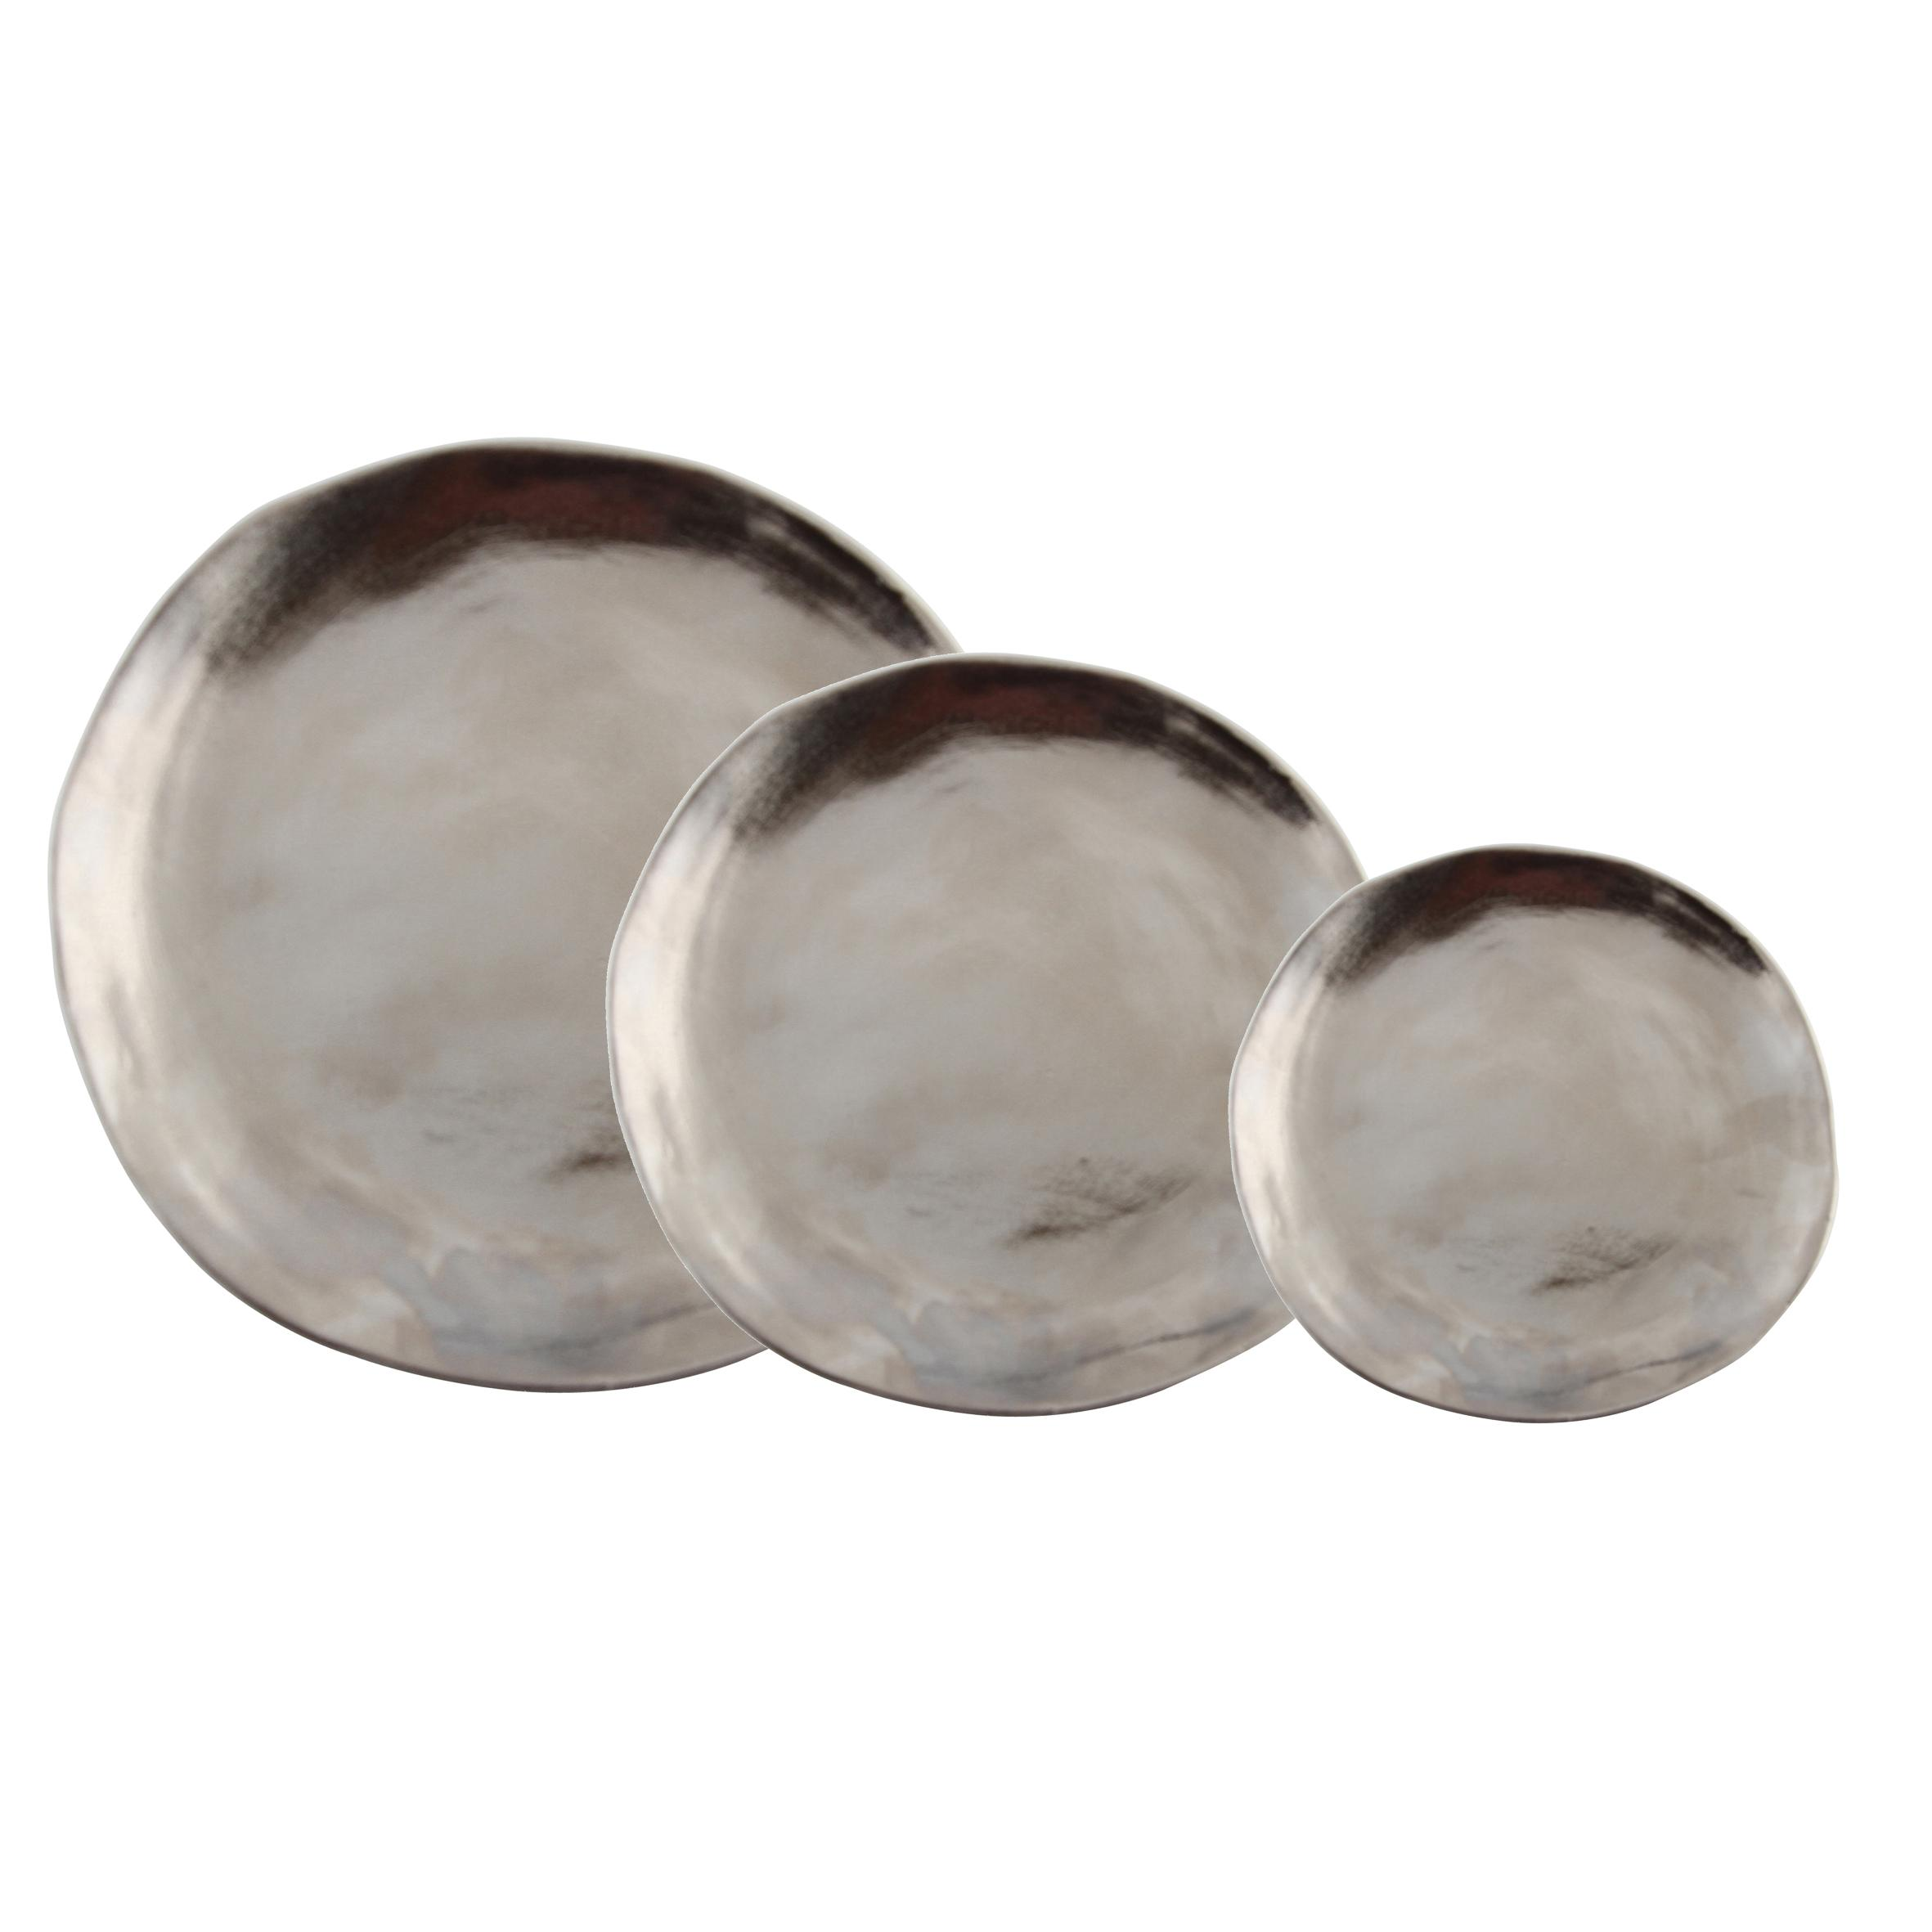 Geschirr-Set Imperfect, 3-tlg., Porzellan, beschichtet, Silberfarben, Sondergrößen